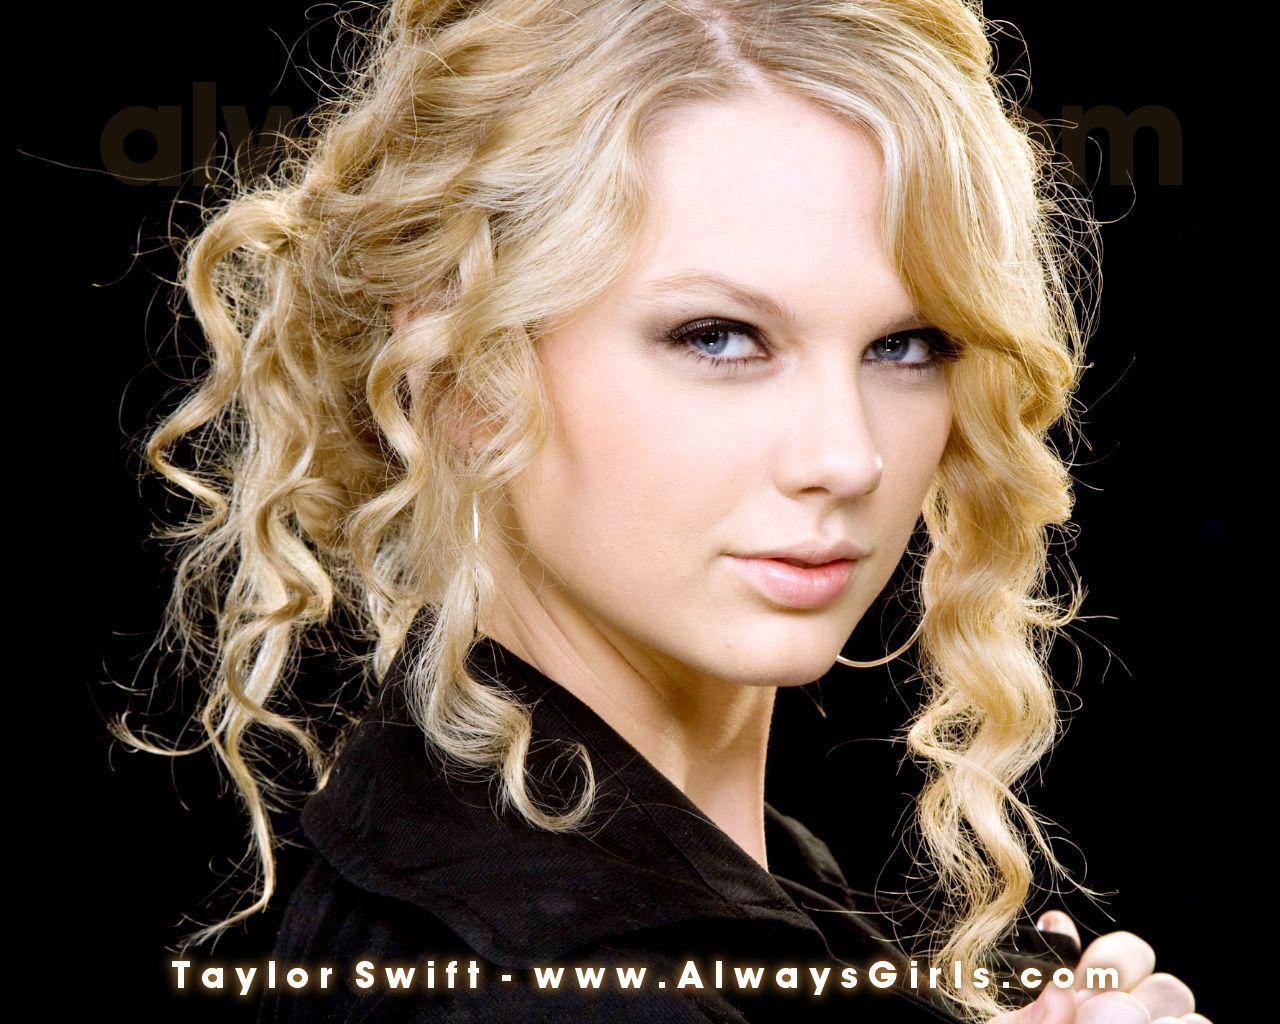 http://2.bp.blogspot.com/_vYHN93rH6ek/S_y35-KIshI/AAAAAAAAAqA/Wnh8Zdvtbdc/s1600/taylor_swift-2.jpg